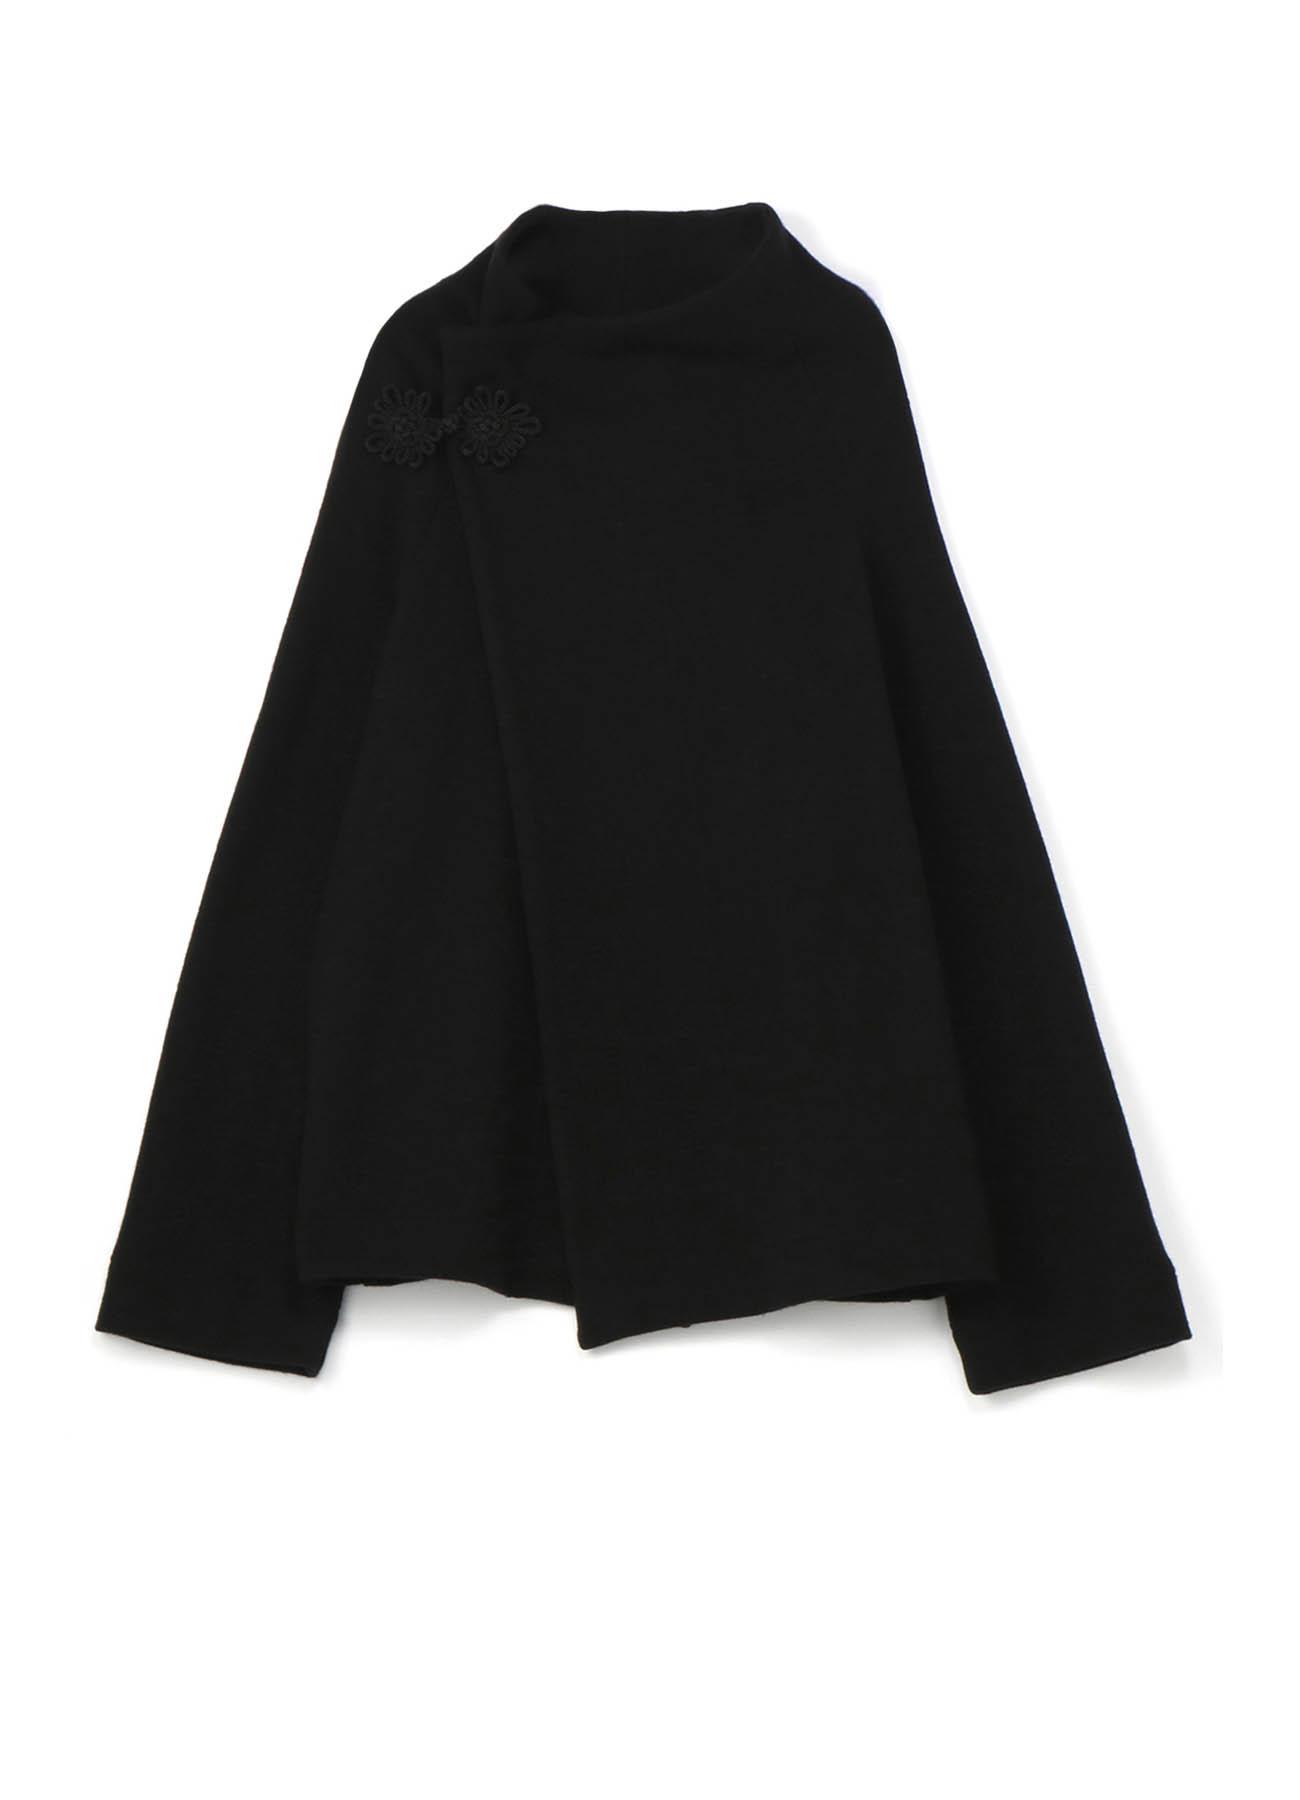 中式盘扣针织夹克